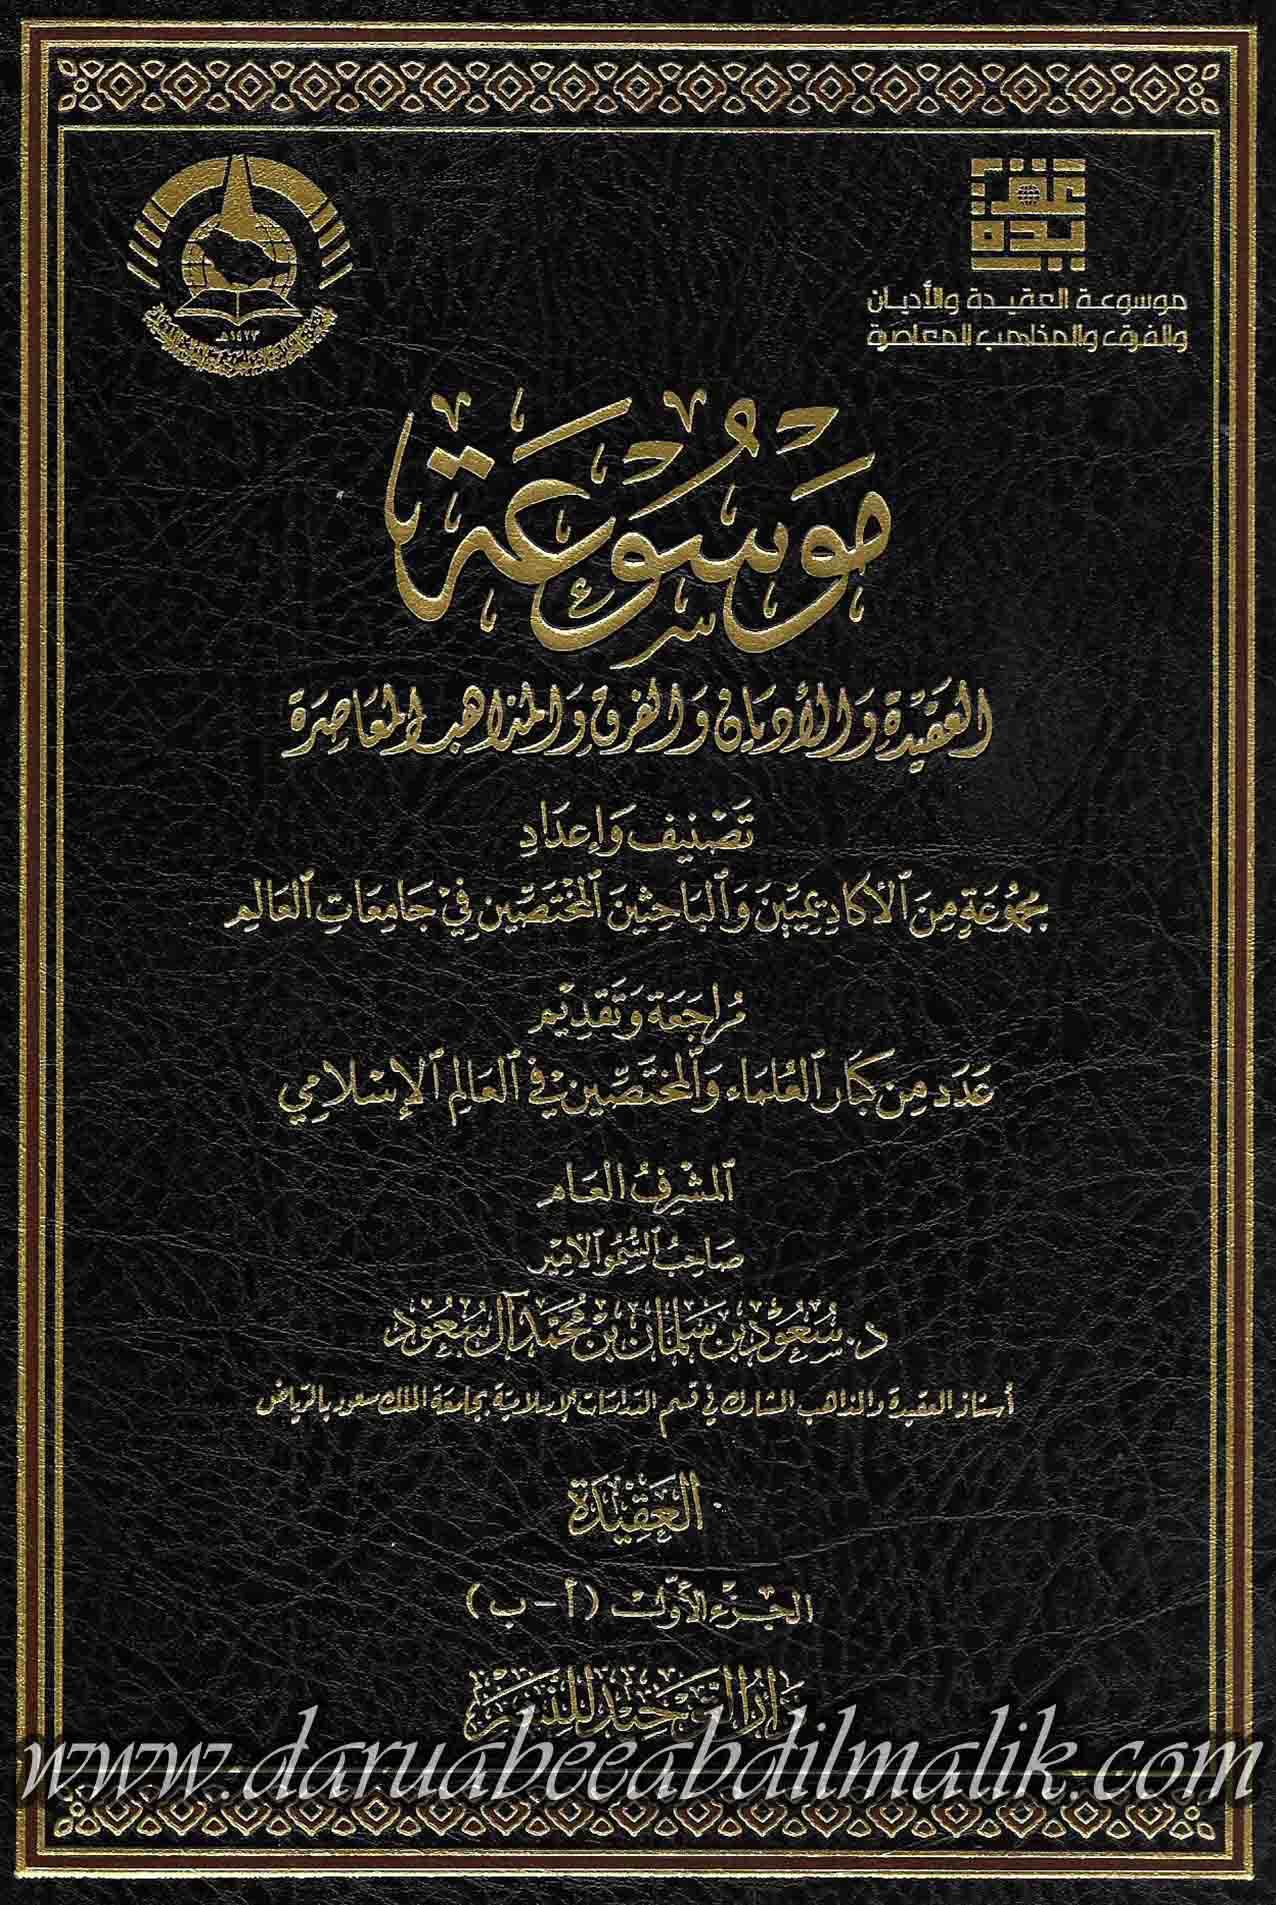 موسوعة العقيدة والأديان والفرق